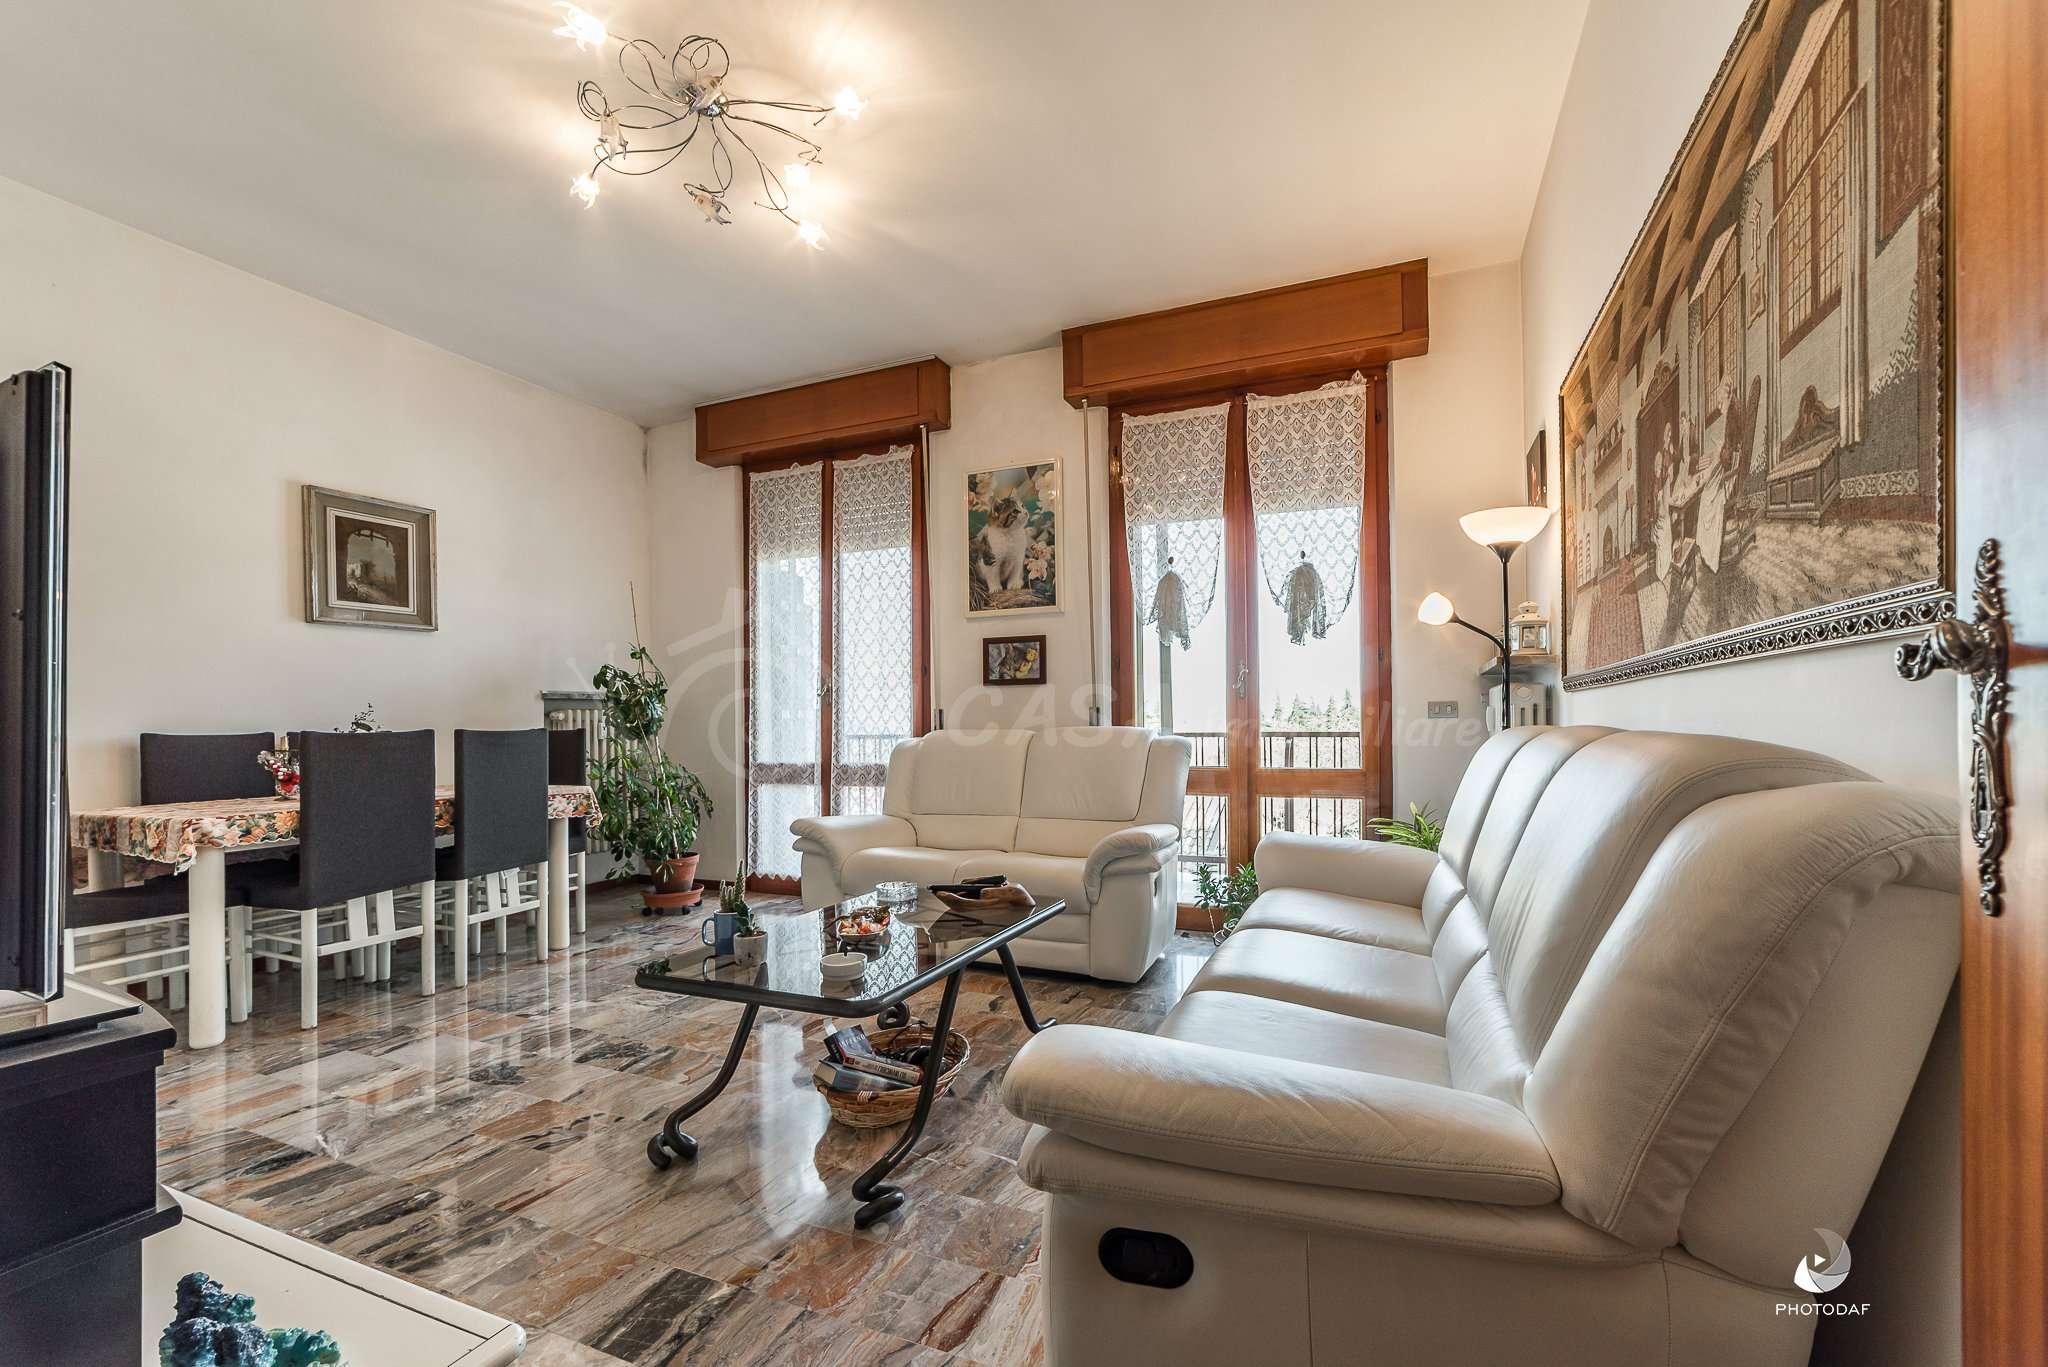 Appartamento in vendita a Felino, 3 locali, prezzo € 80.000 | PortaleAgenzieImmobiliari.it